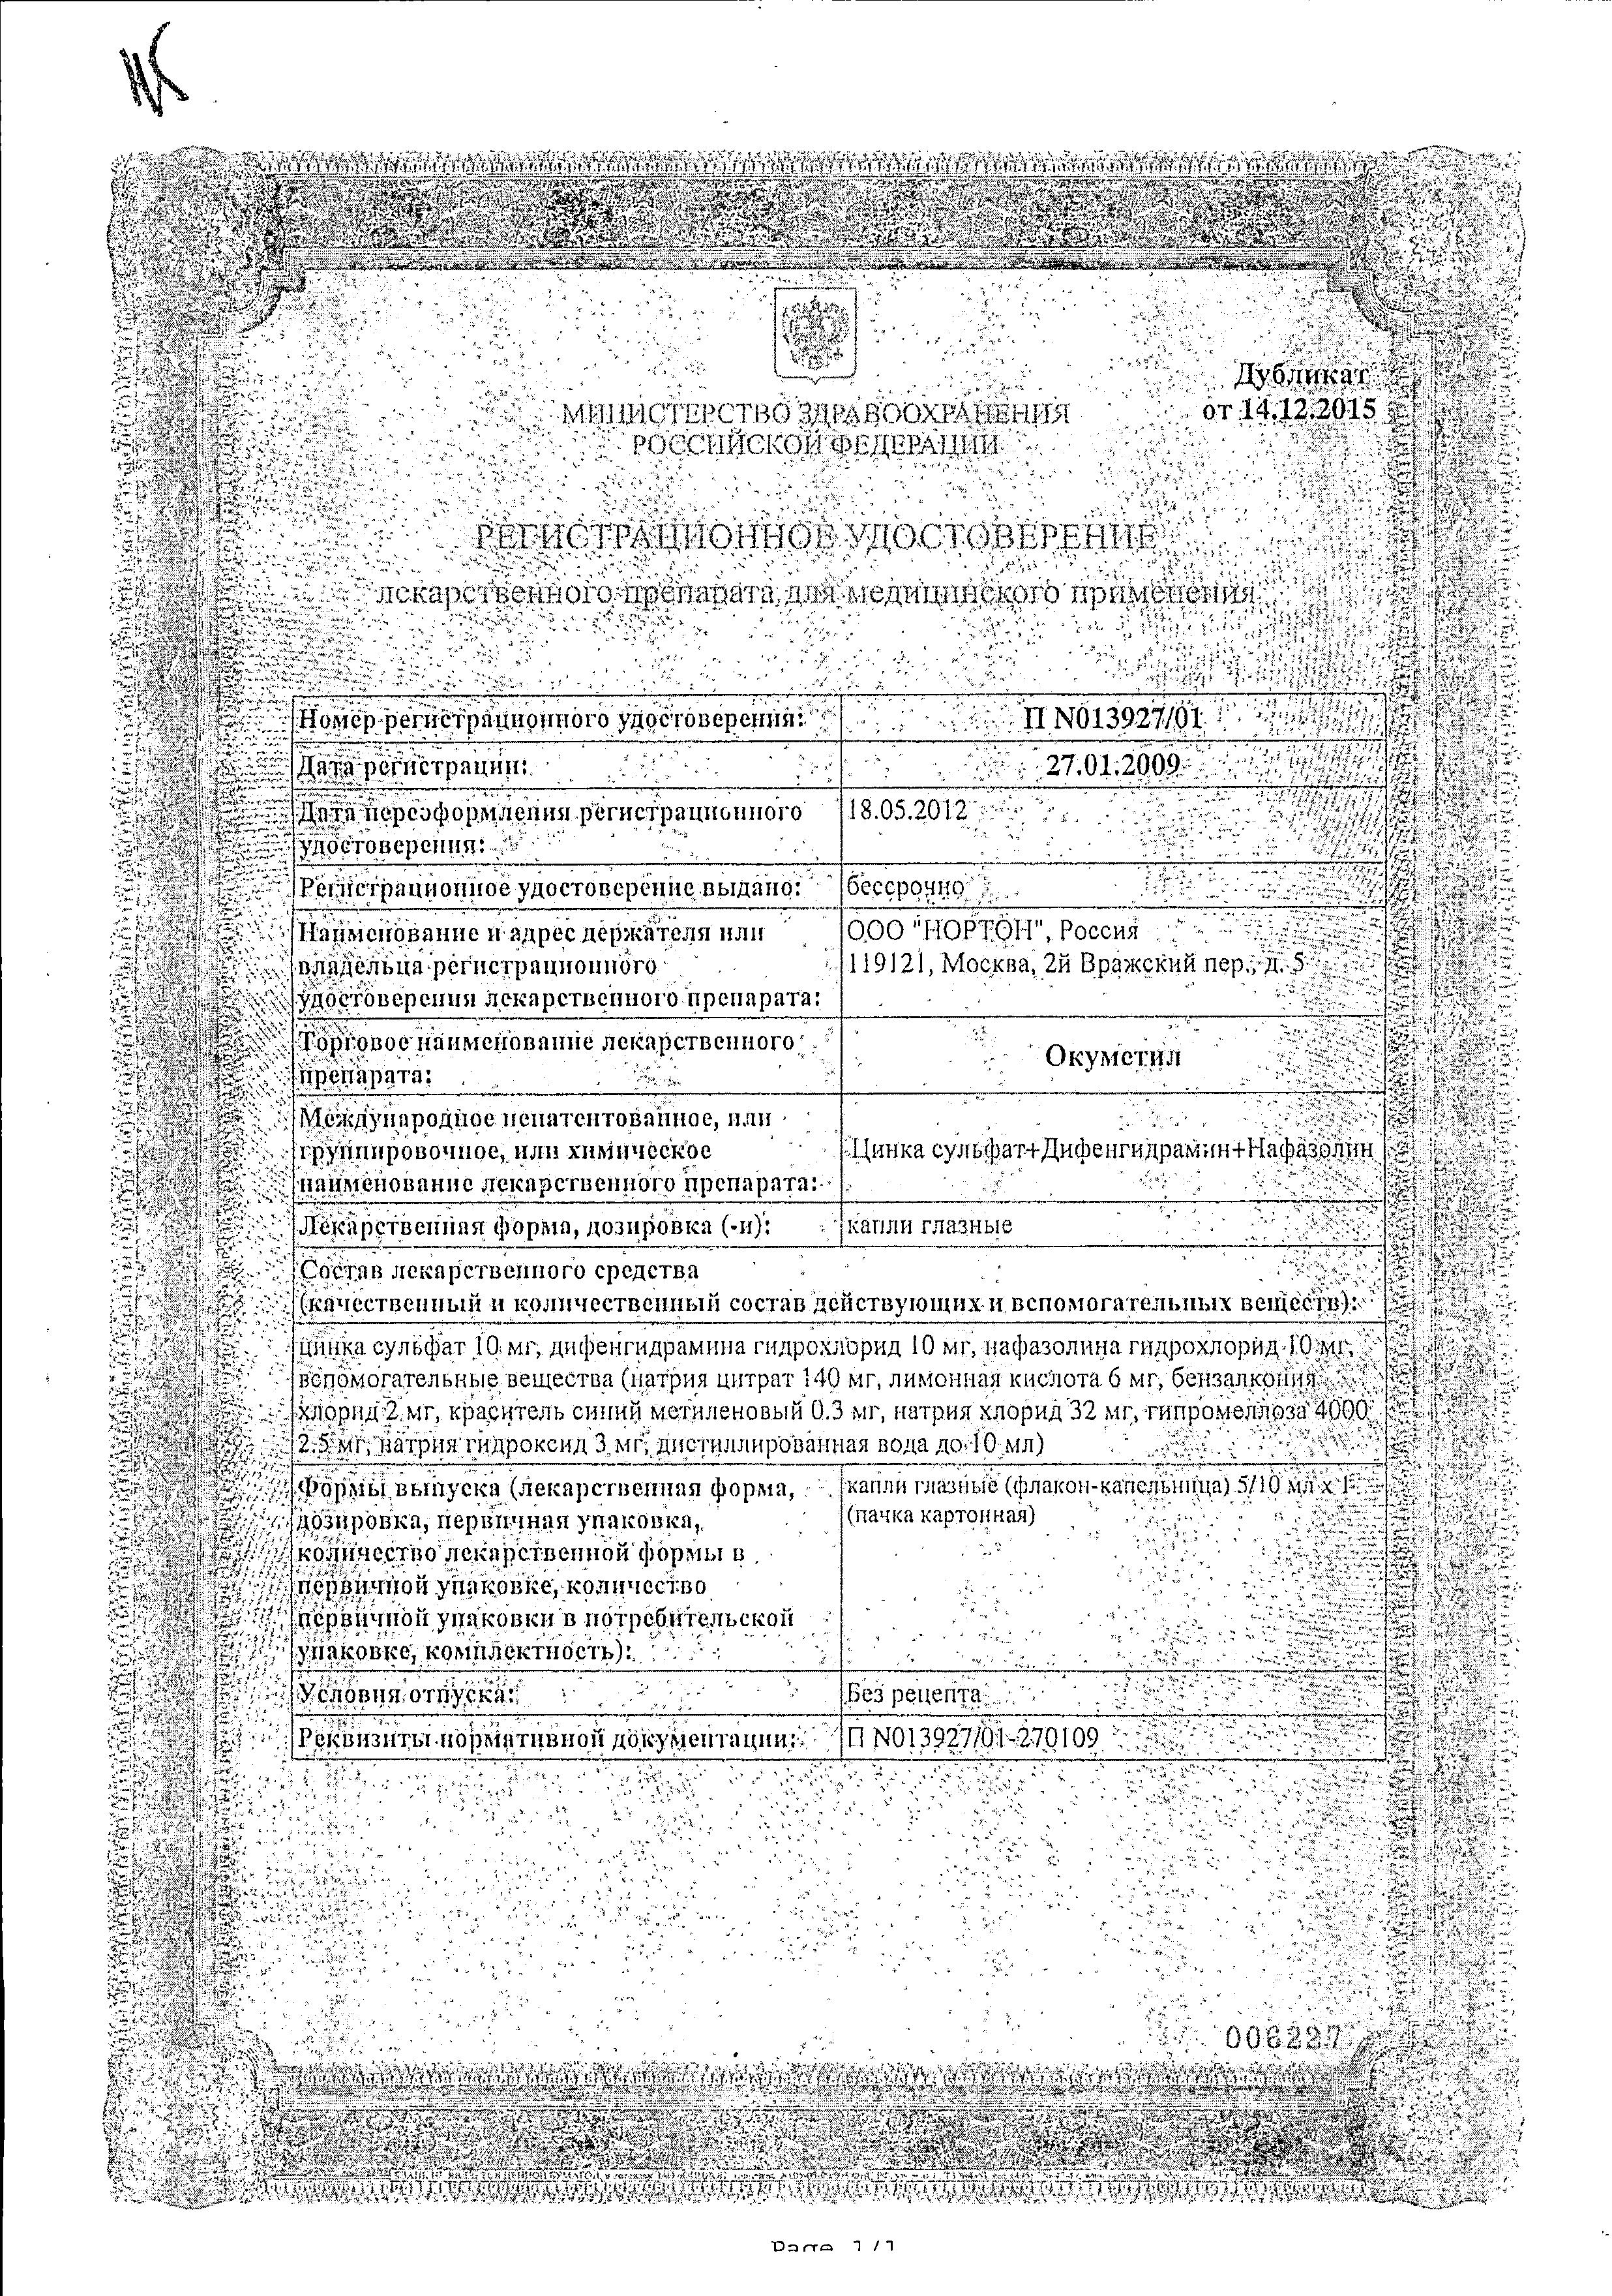 Окуметил сертификат